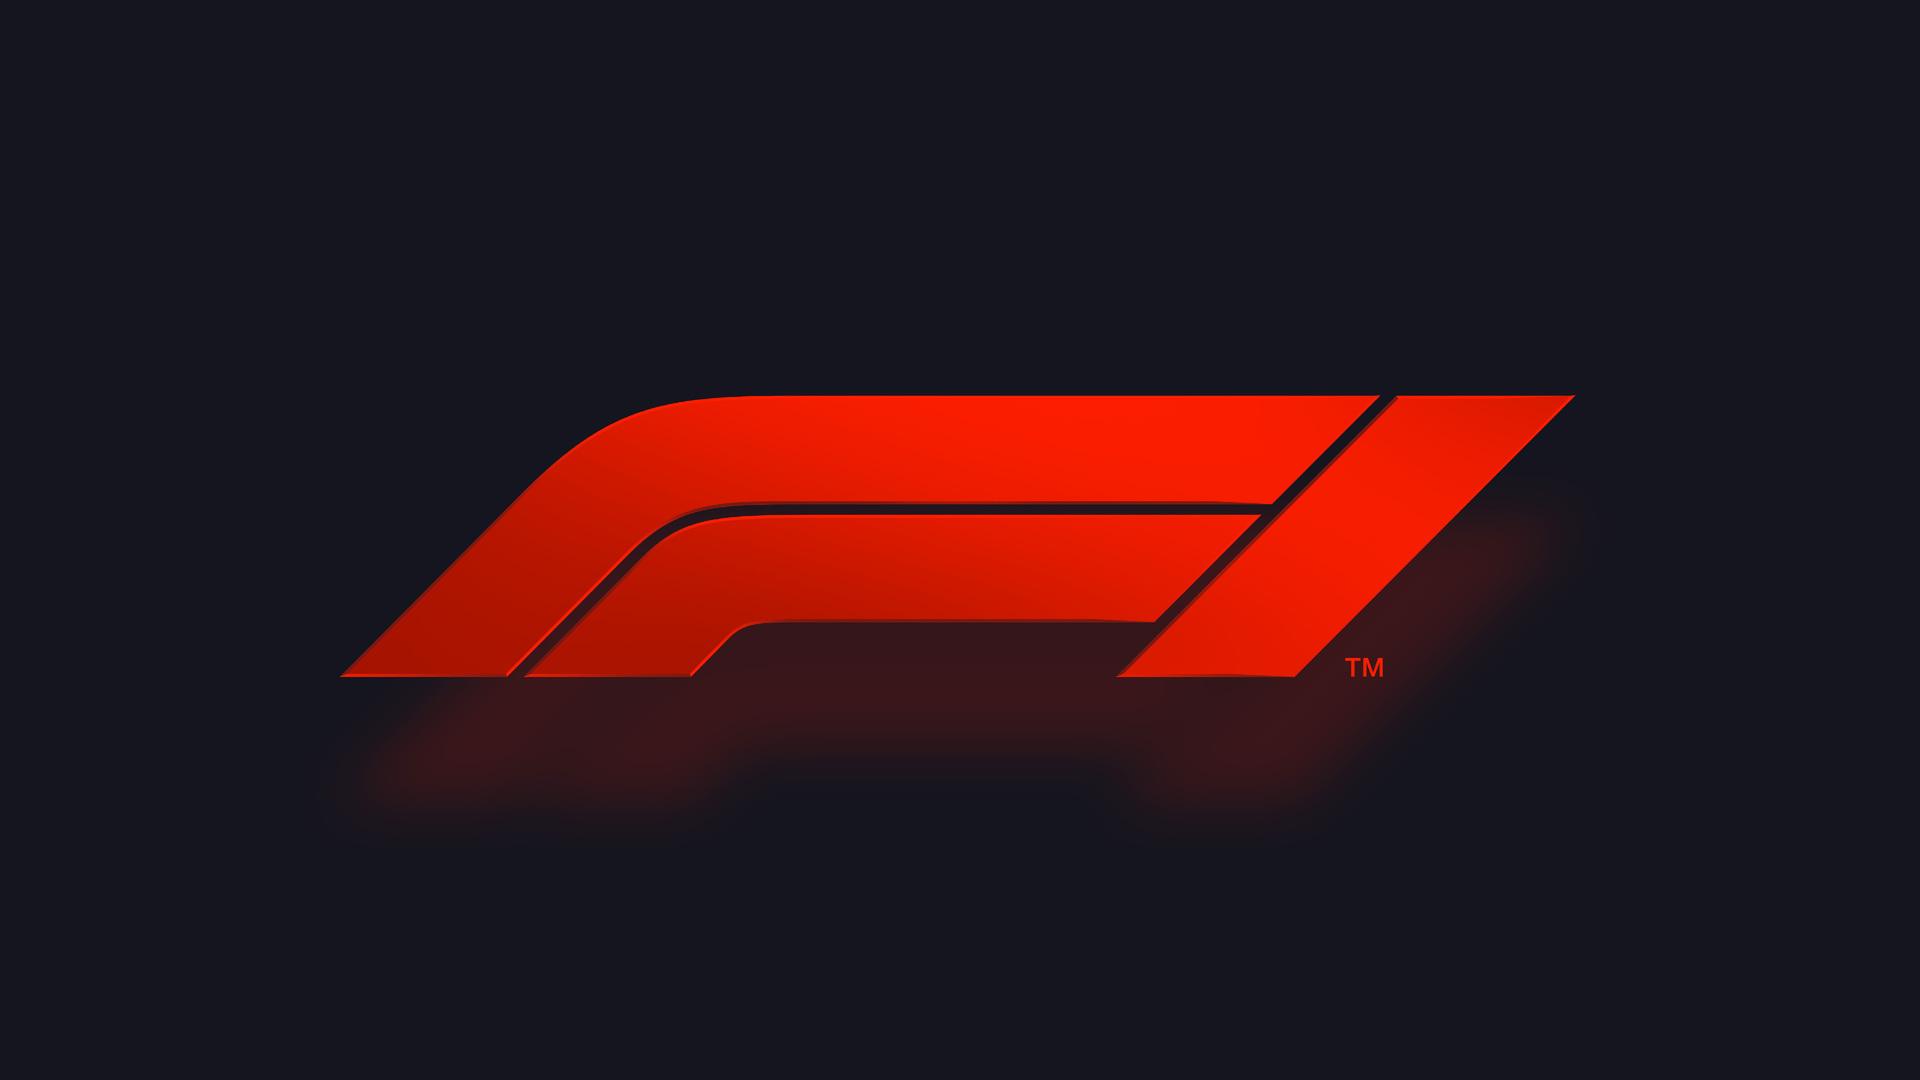 f1-logo-8k-xm.jpg